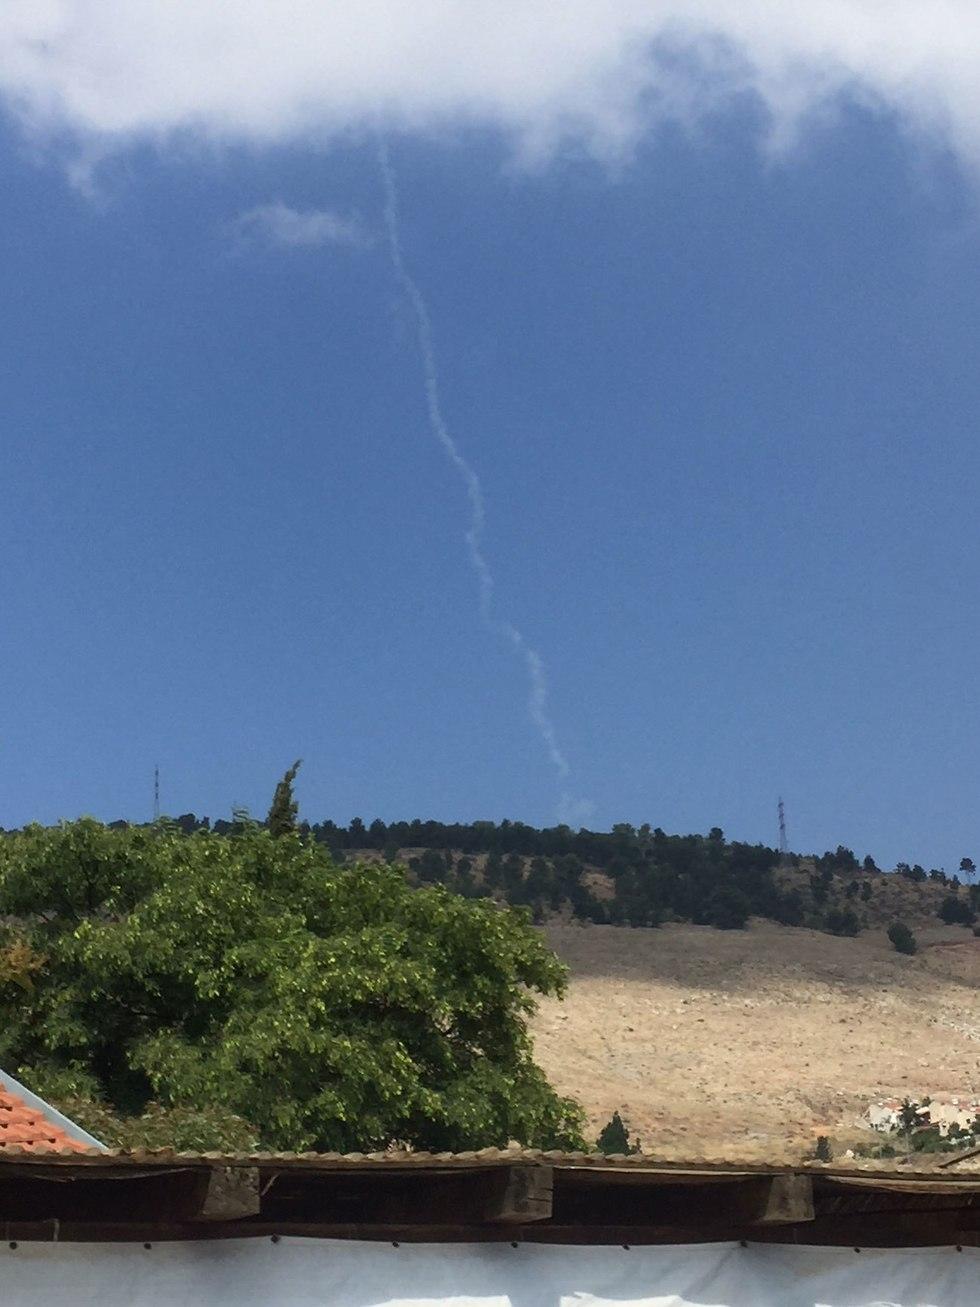 שיגור קלע דוד שרביט קסמים גולן רמת הגולן צפת ירוט (צילום: חן יעקבי)